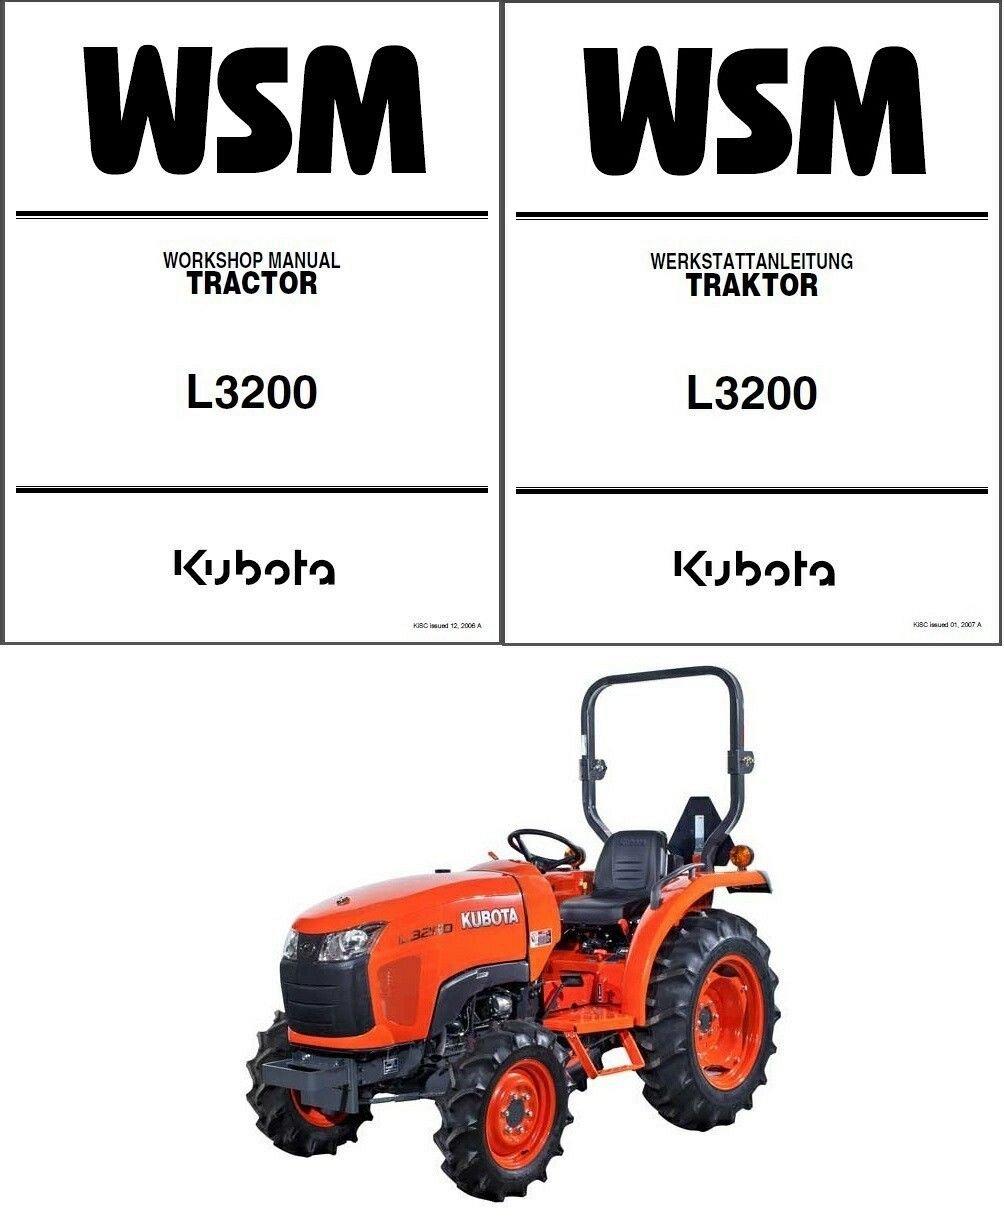 Kubota L3200 Tractor Service Repair Workshop Manual Manual Guide